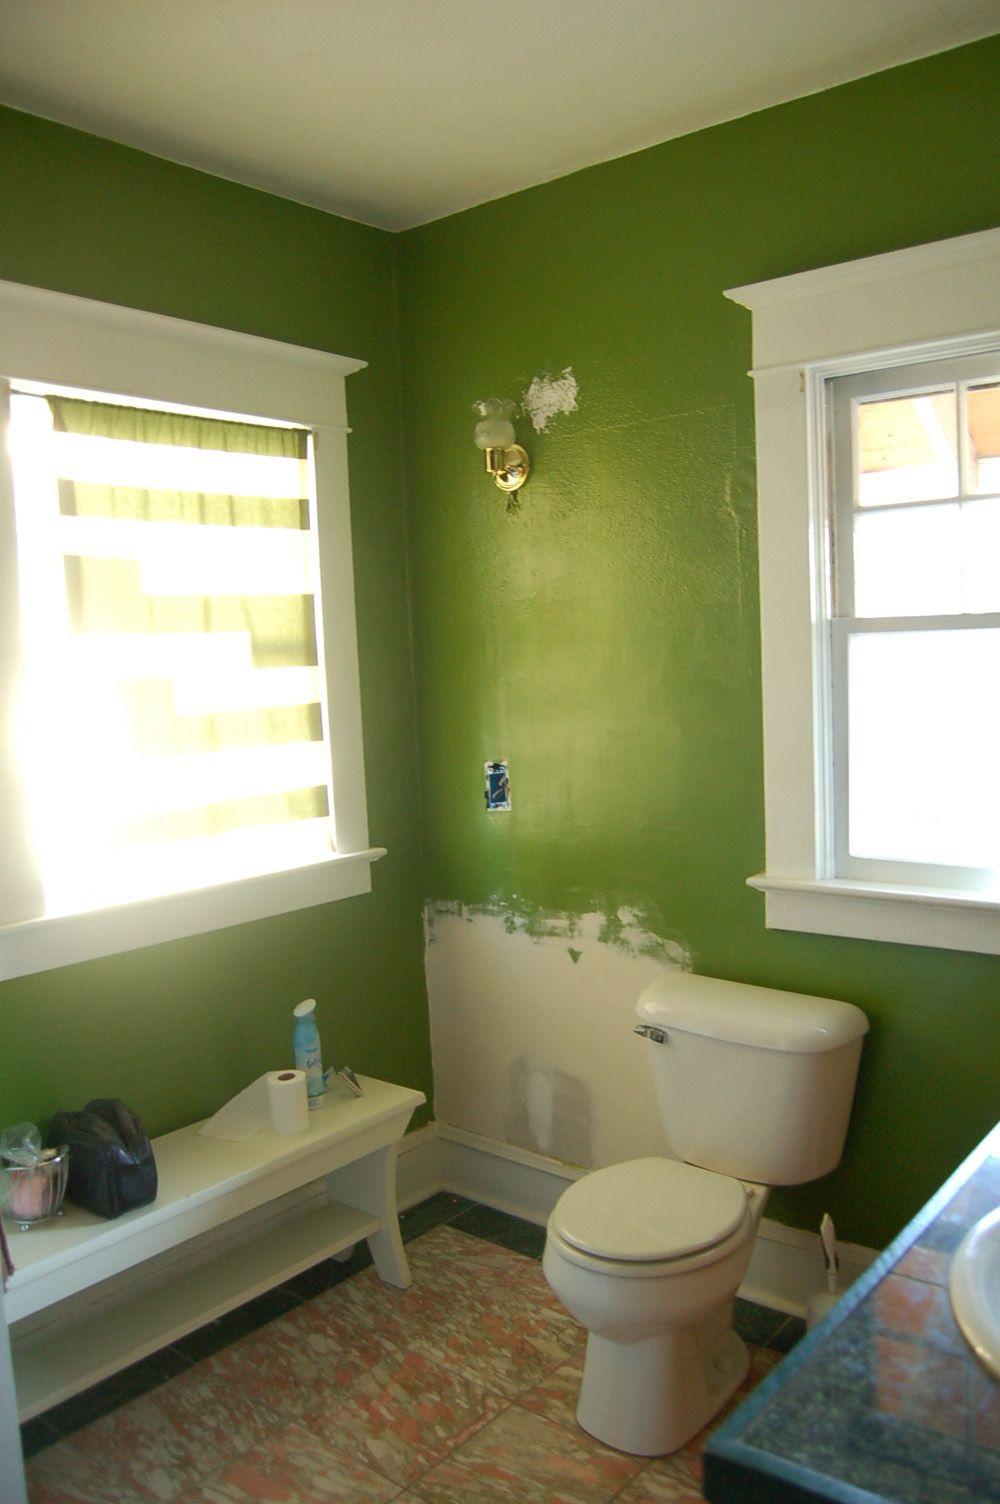 Ninja turtle bathroom layout interiordecor